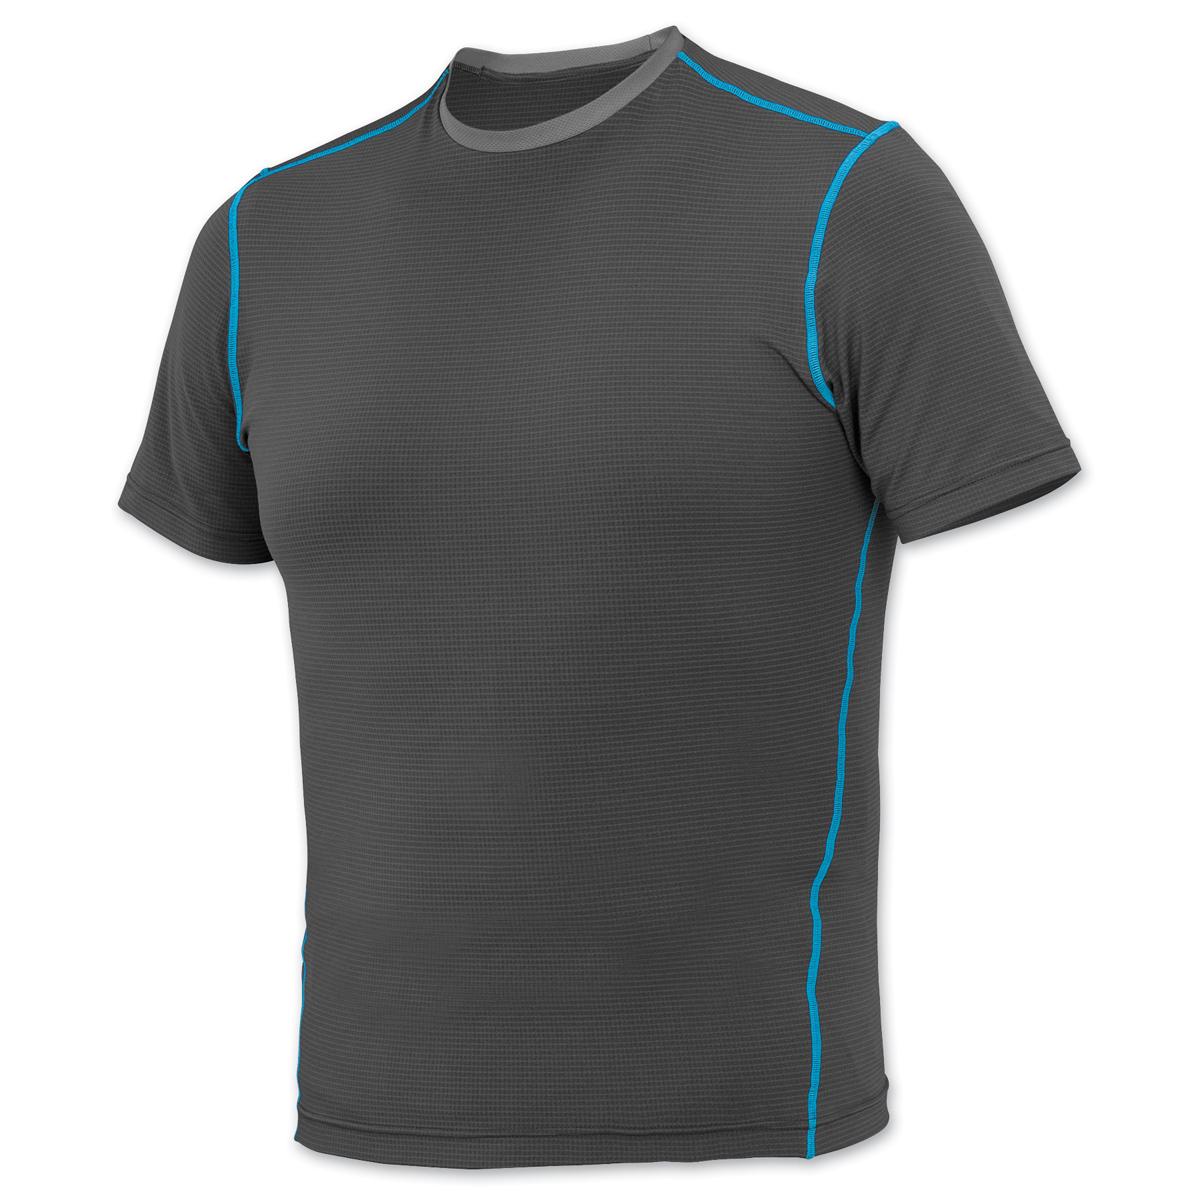 Firstgear 37.5 Basegear Short-Sleeve Shirt